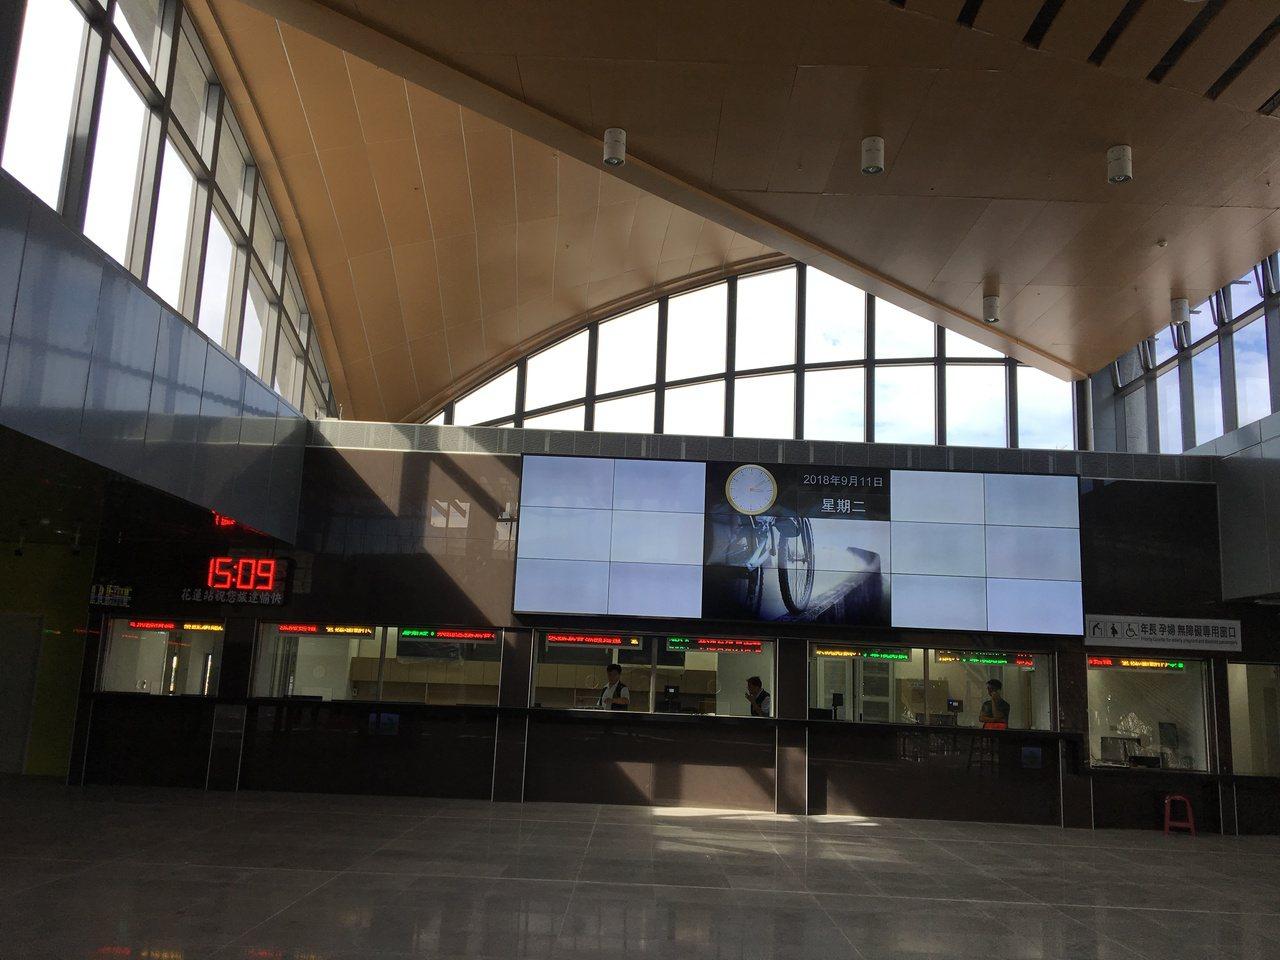 花蓮新車站大廳明亮,設置8個售票口。記者徐庭揚/攝影